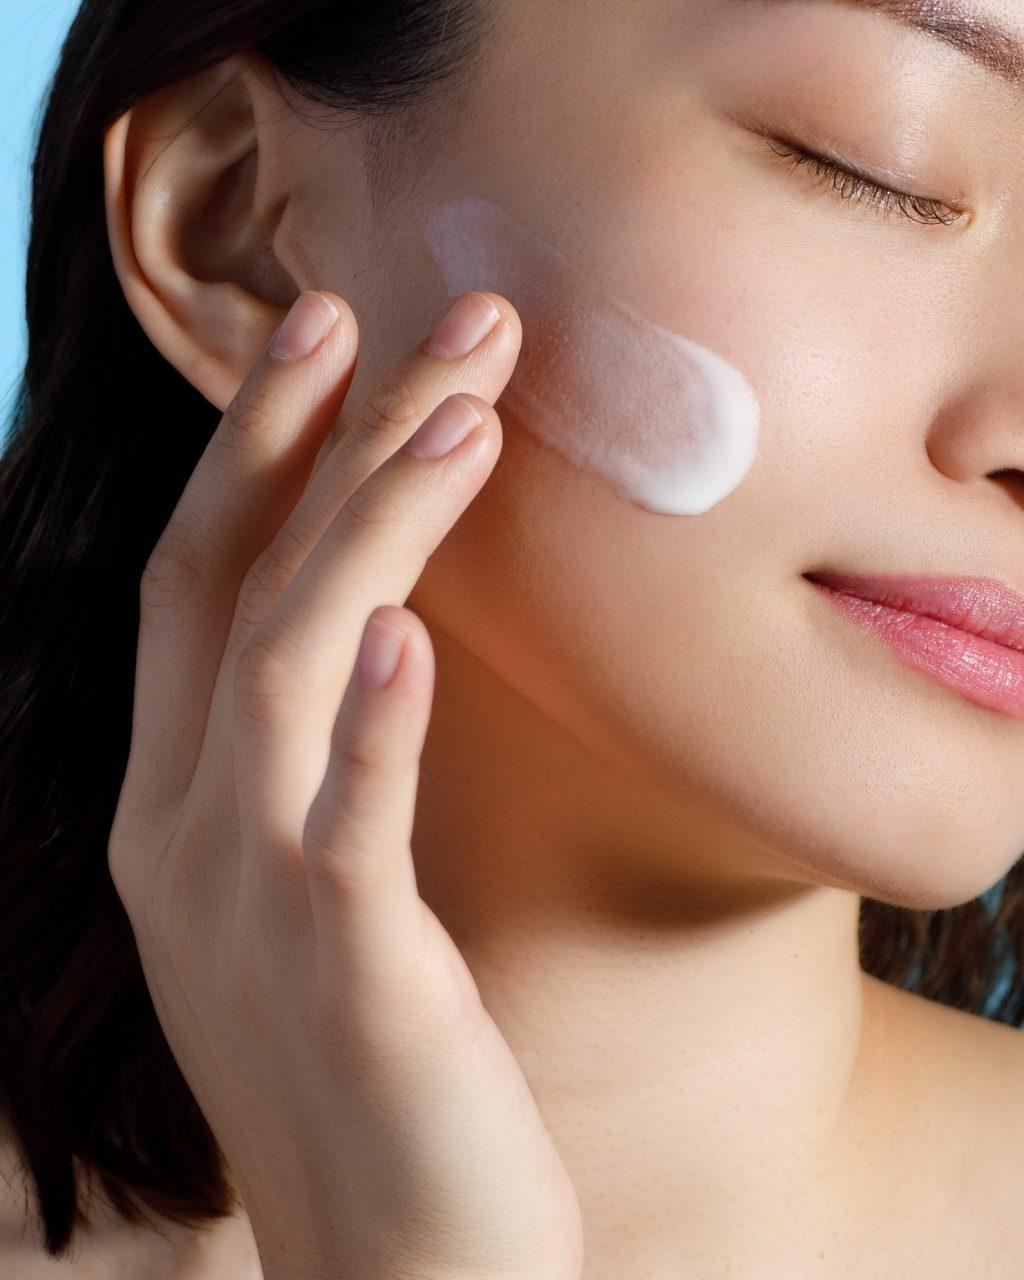 Thoa kem dưỡng da mặt là cách bảo vệ da tốt nhất